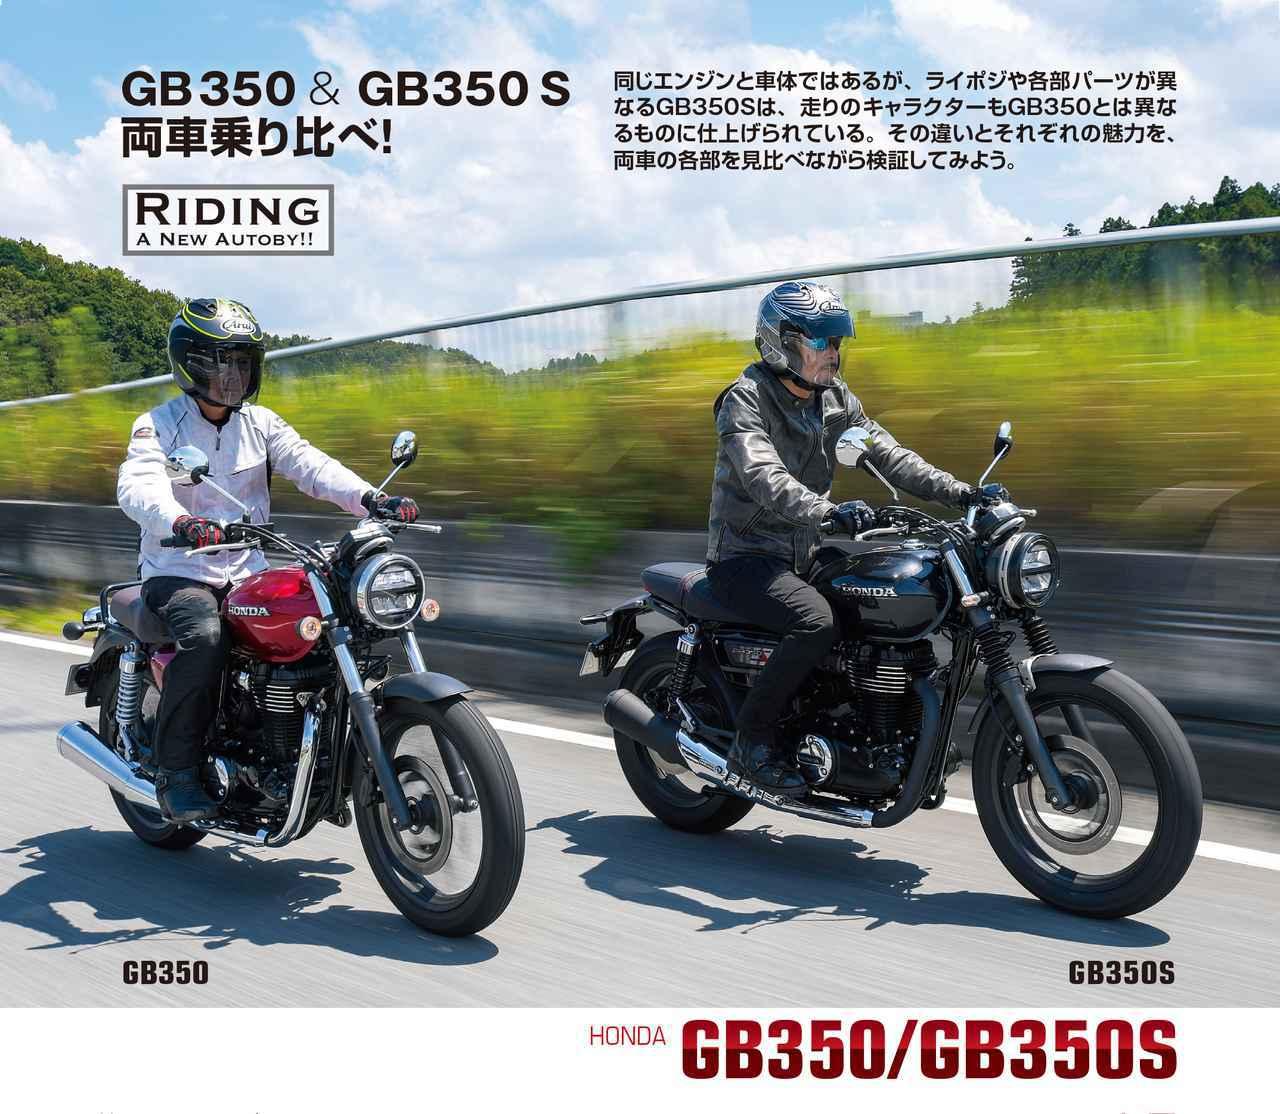 画像2: 月刊『オートバイ』は国内~海外カスタムモデルまで情報盛りだくさん